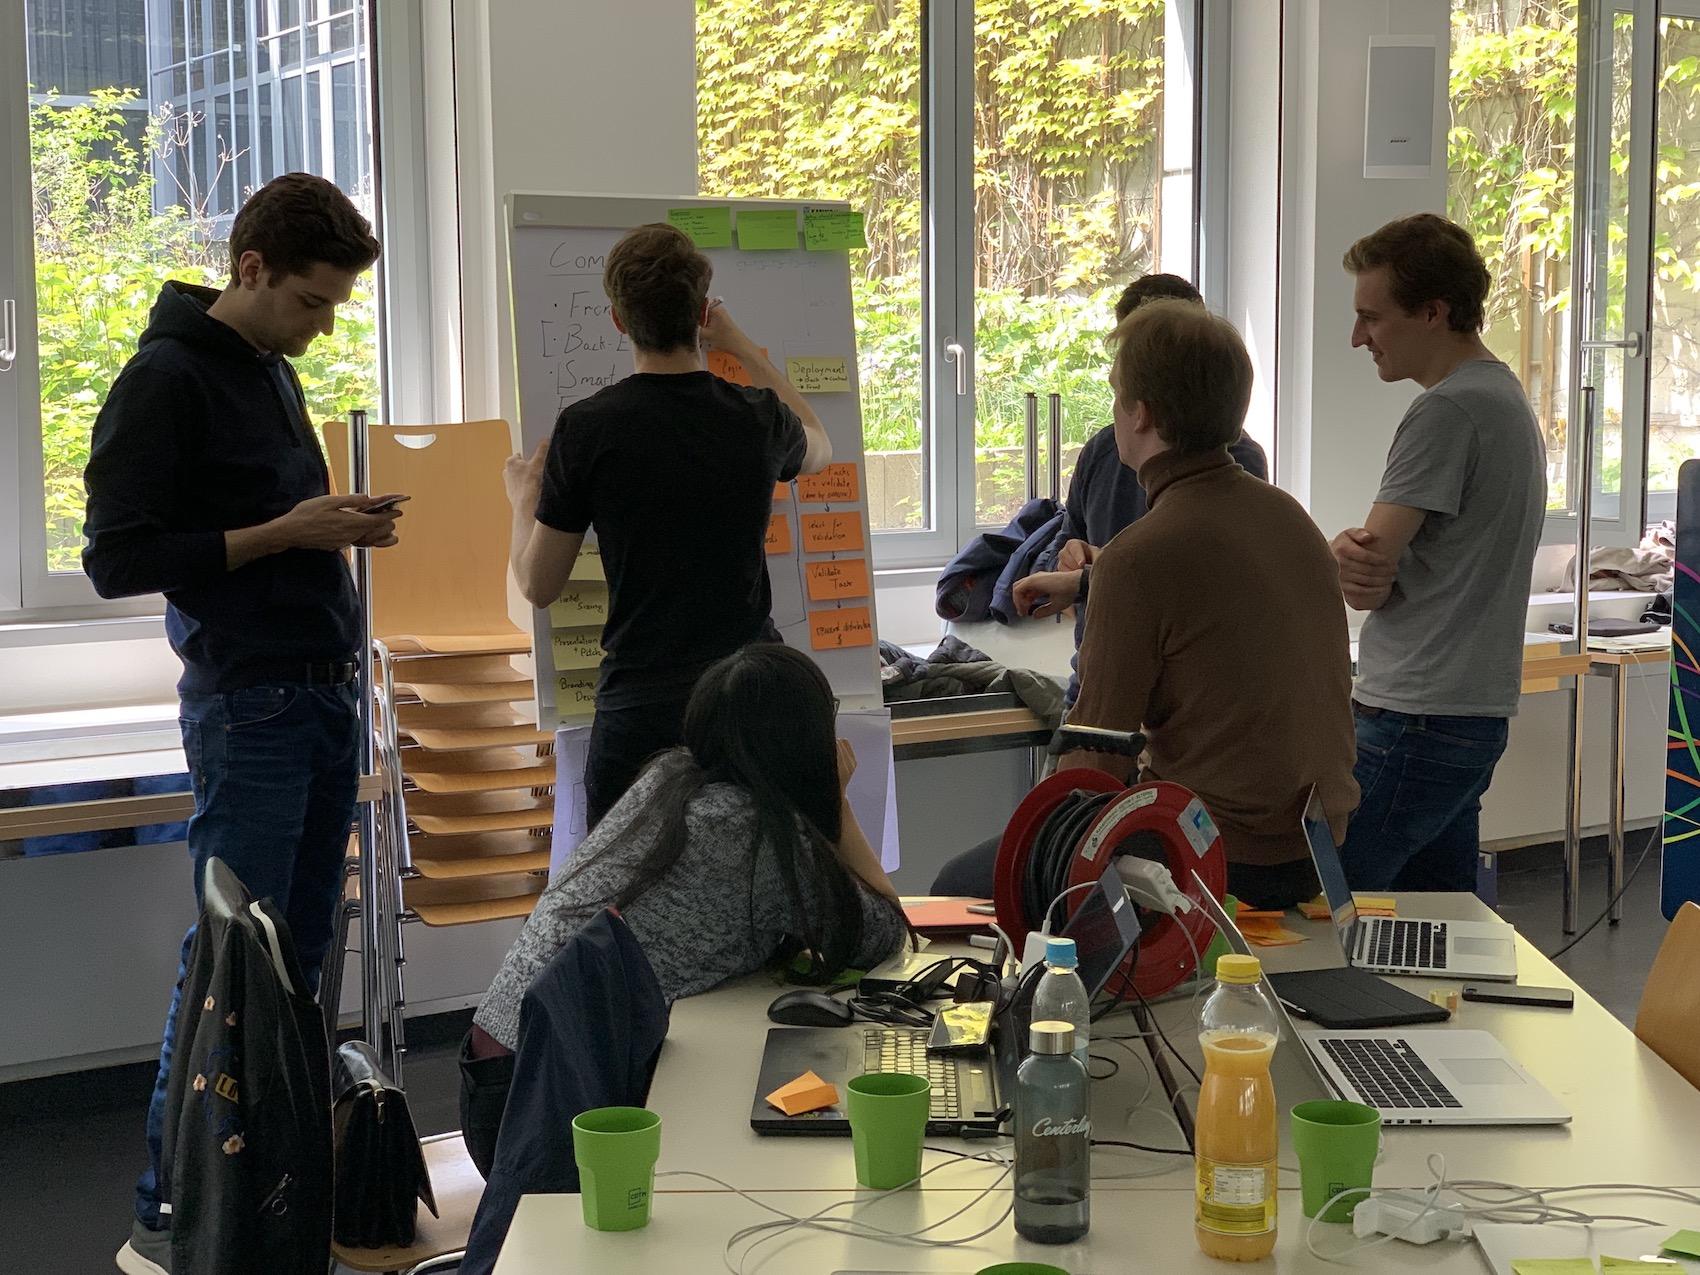 Hackathon Part One